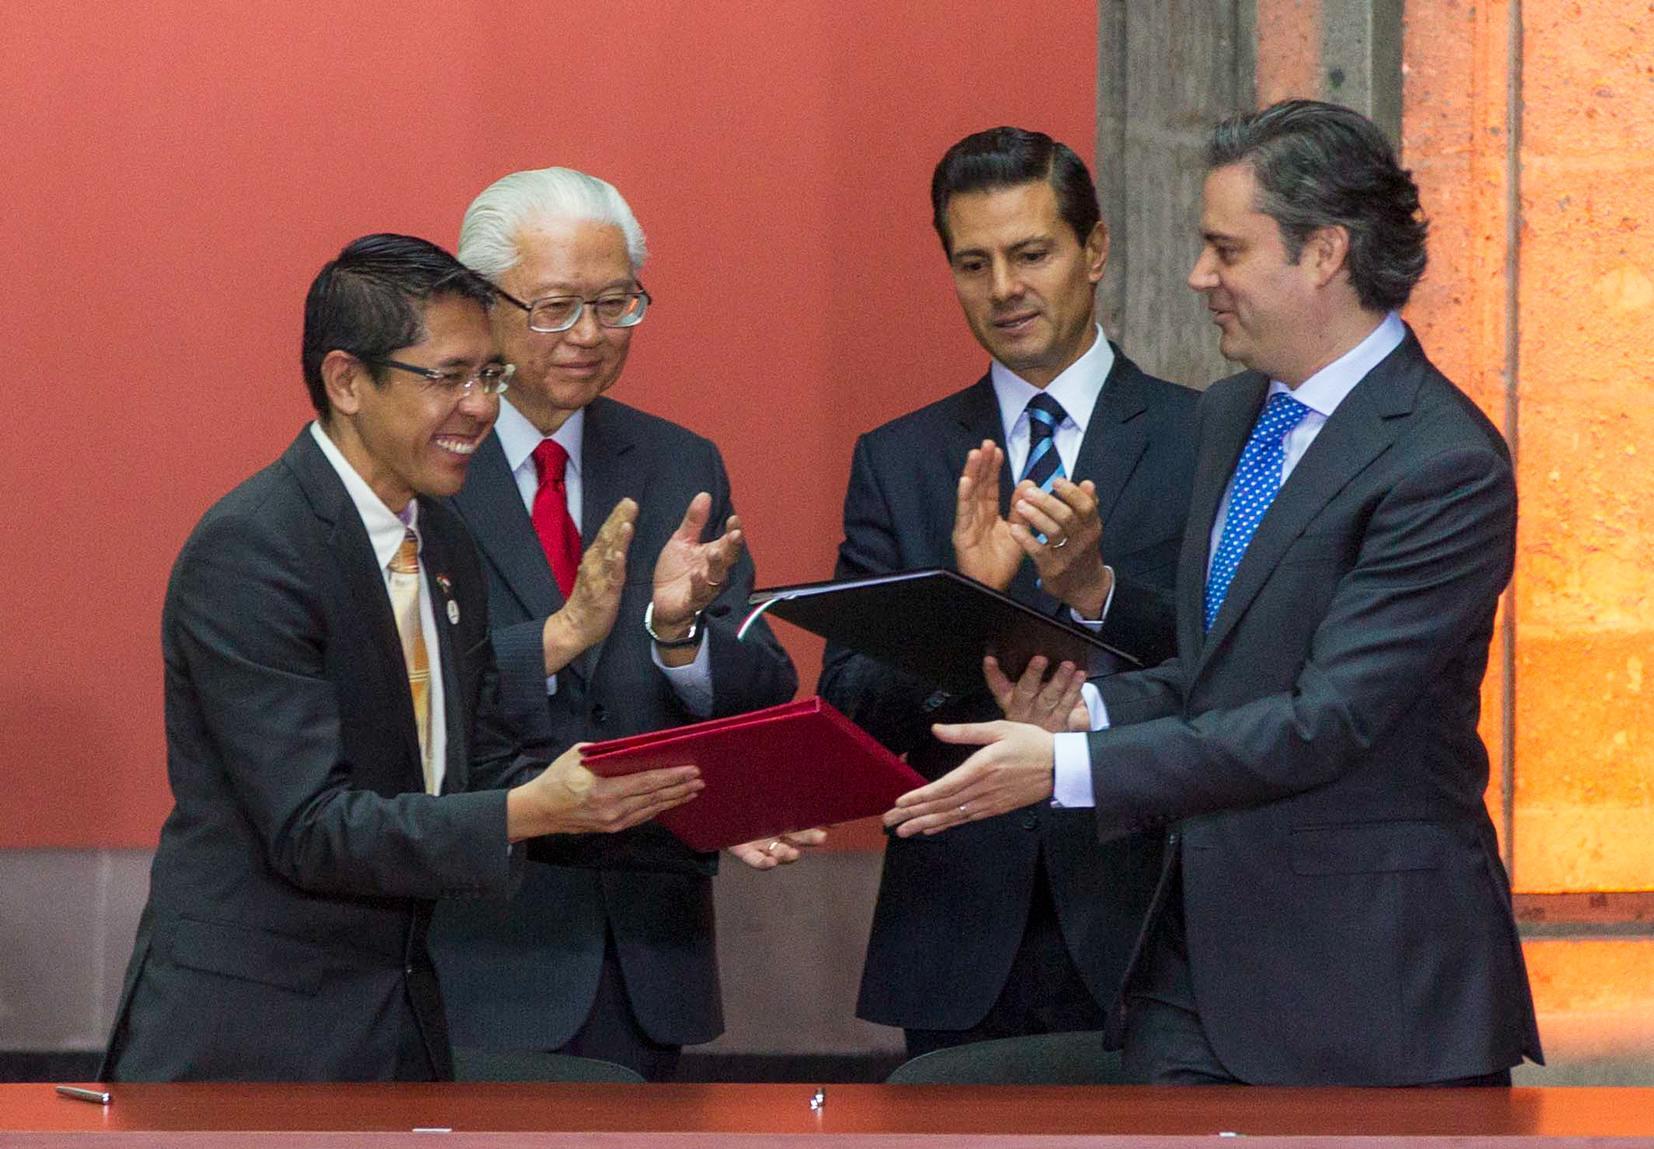 Se firmó un Memorándum de Entendimiento entre la Secretaría de Educación Pública y el Ministerio de Educación de la República de Singapur sobre Cooperación en el campo de la Educación.